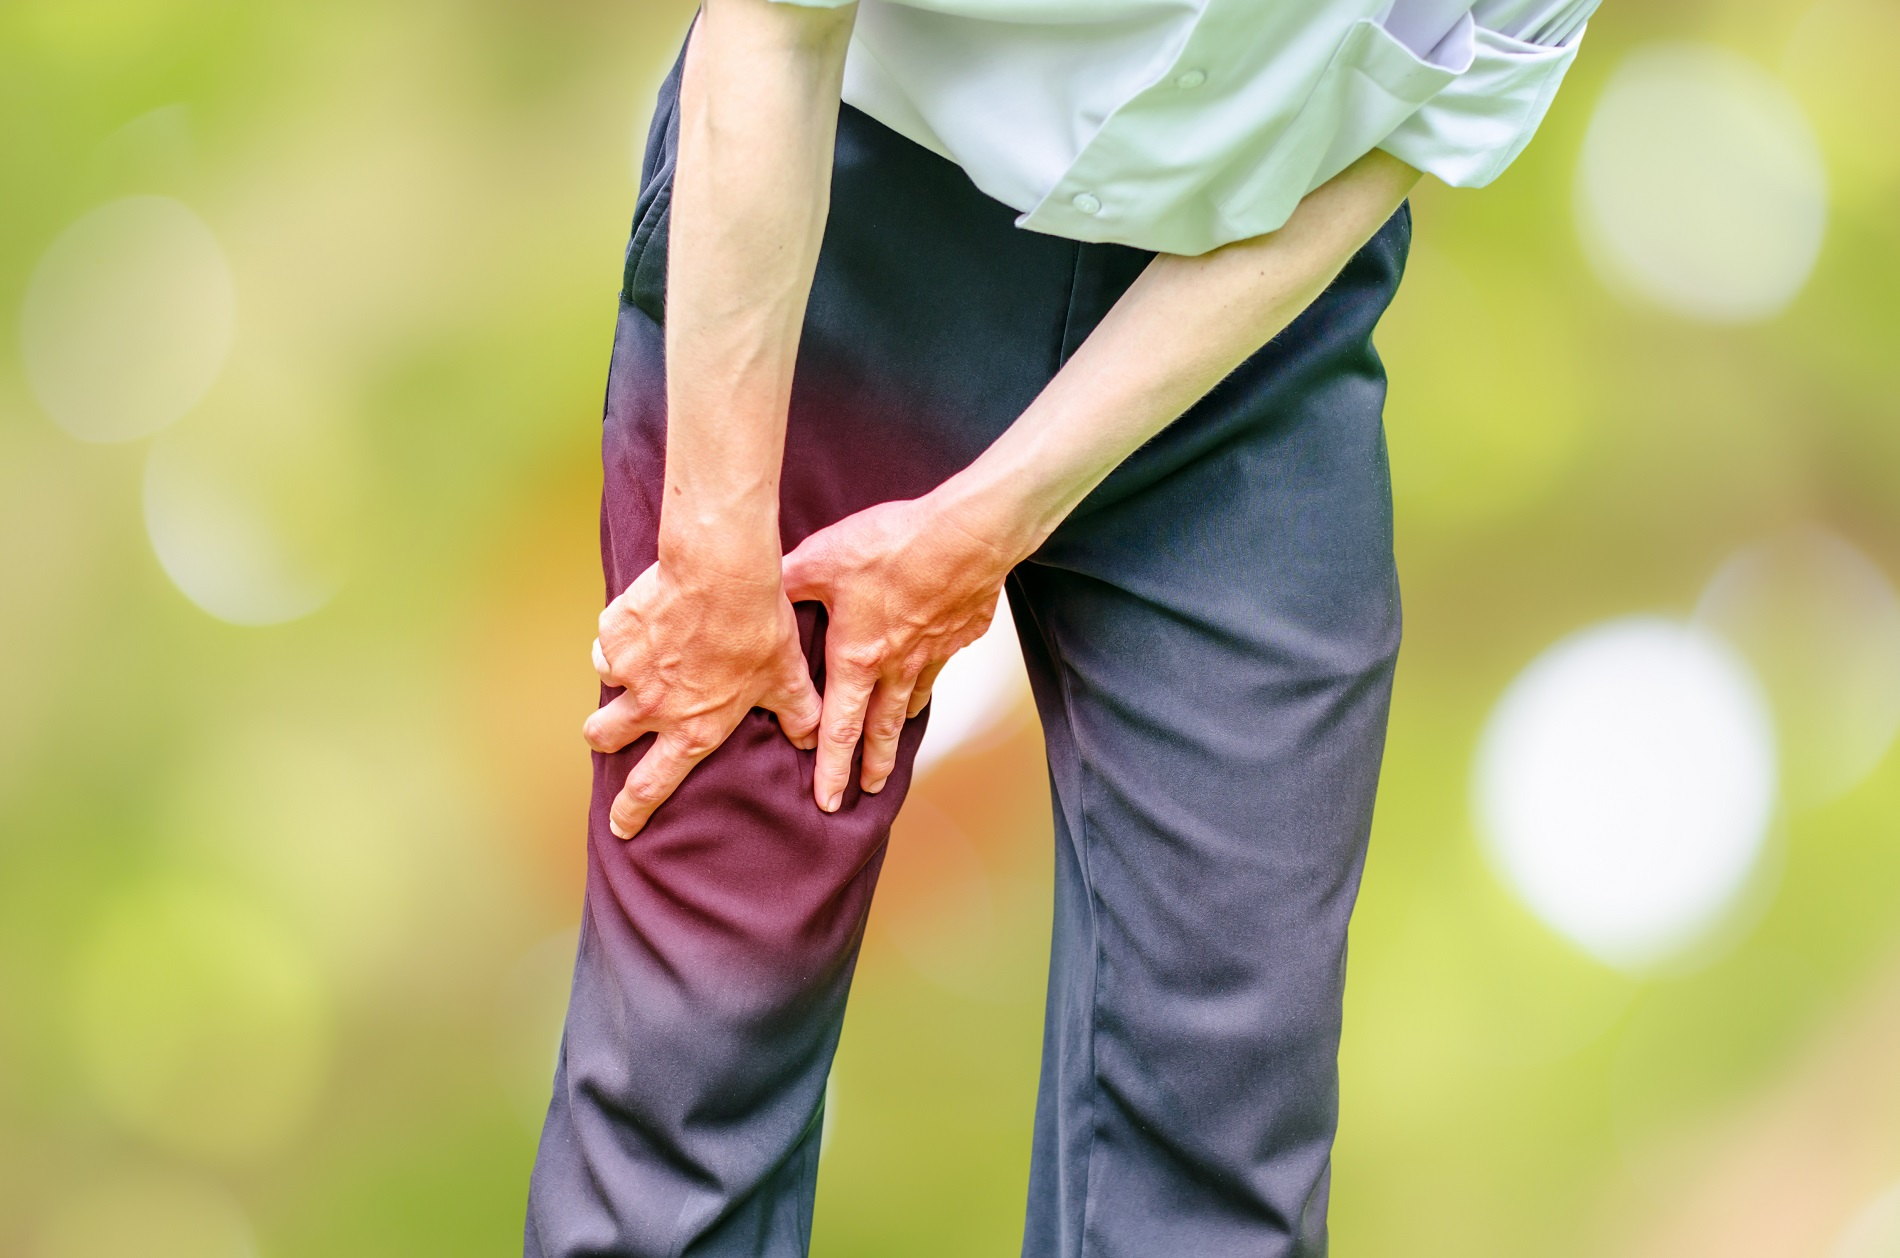 súlyos térdfájdalom kezelése